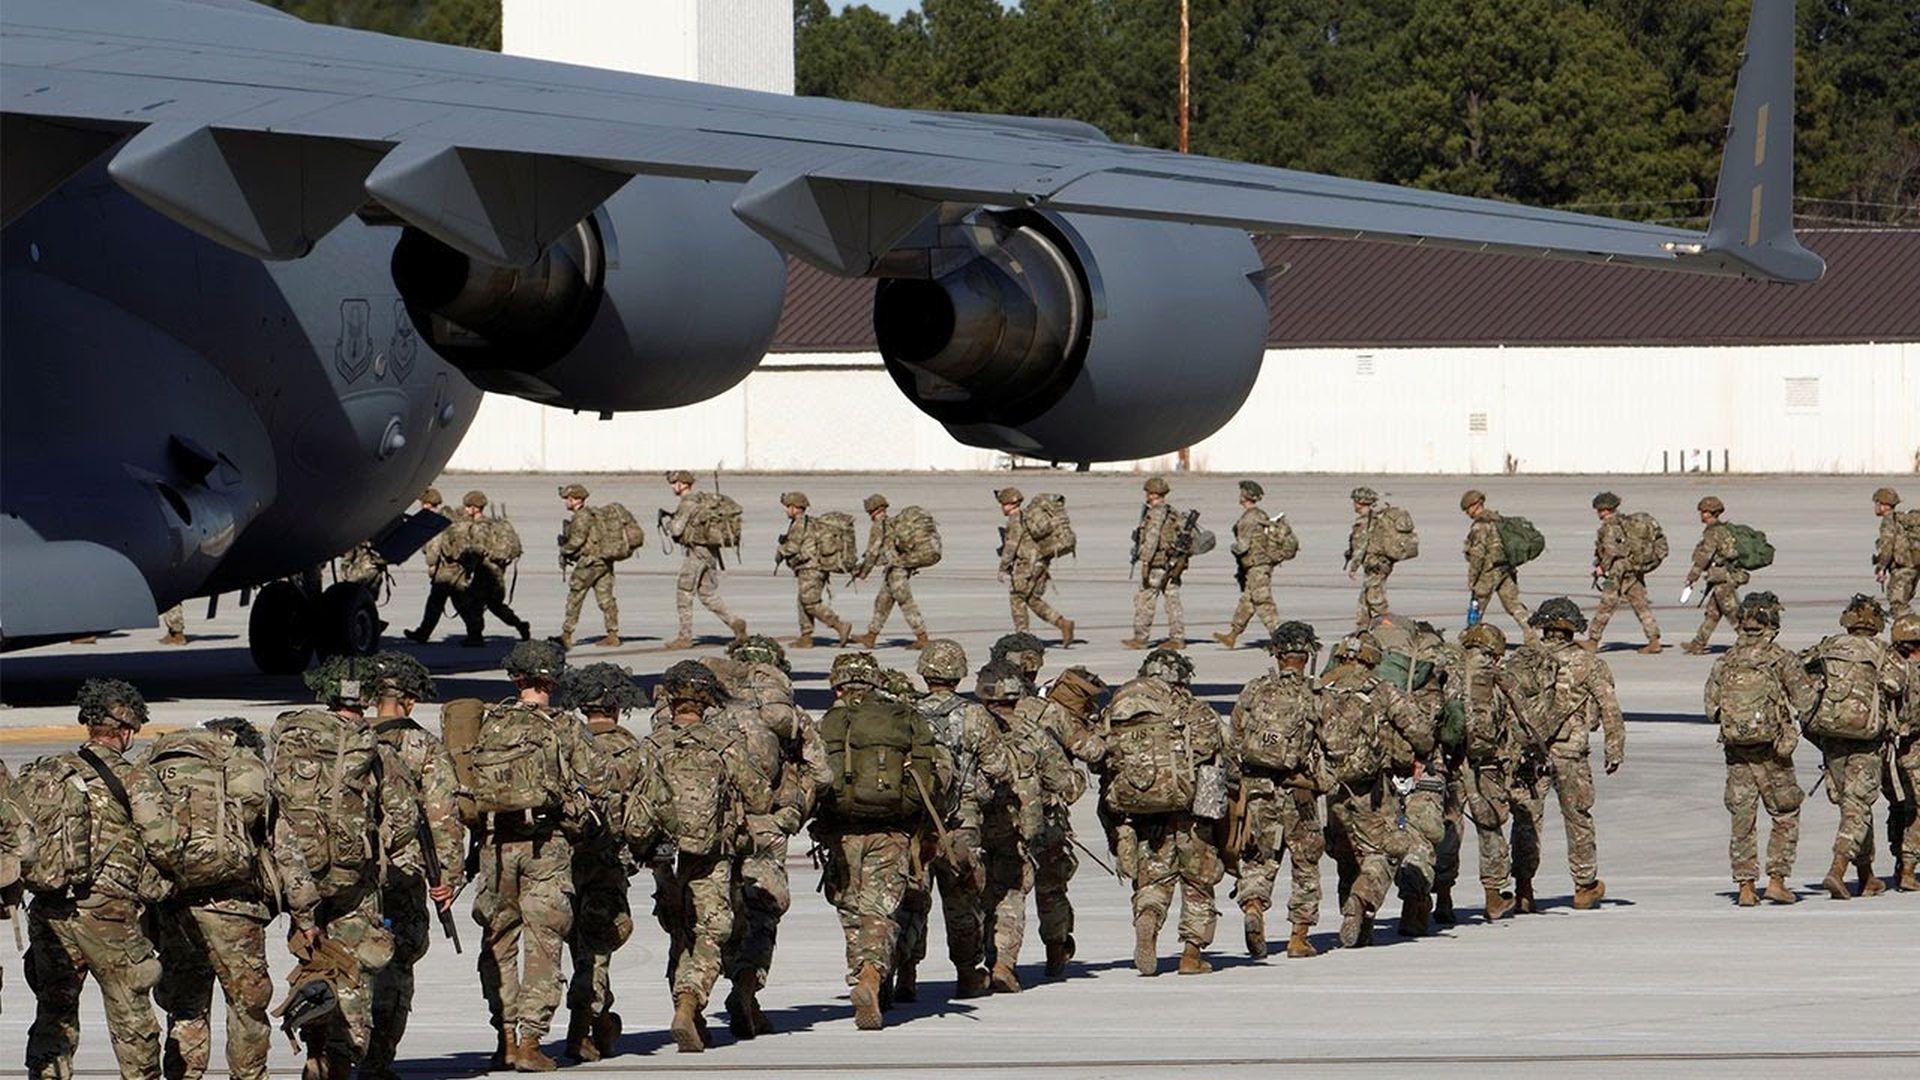 ۱۴ پایگاه آمریکا که در تیررس موشکهای مقاومت عراق قرار دارند